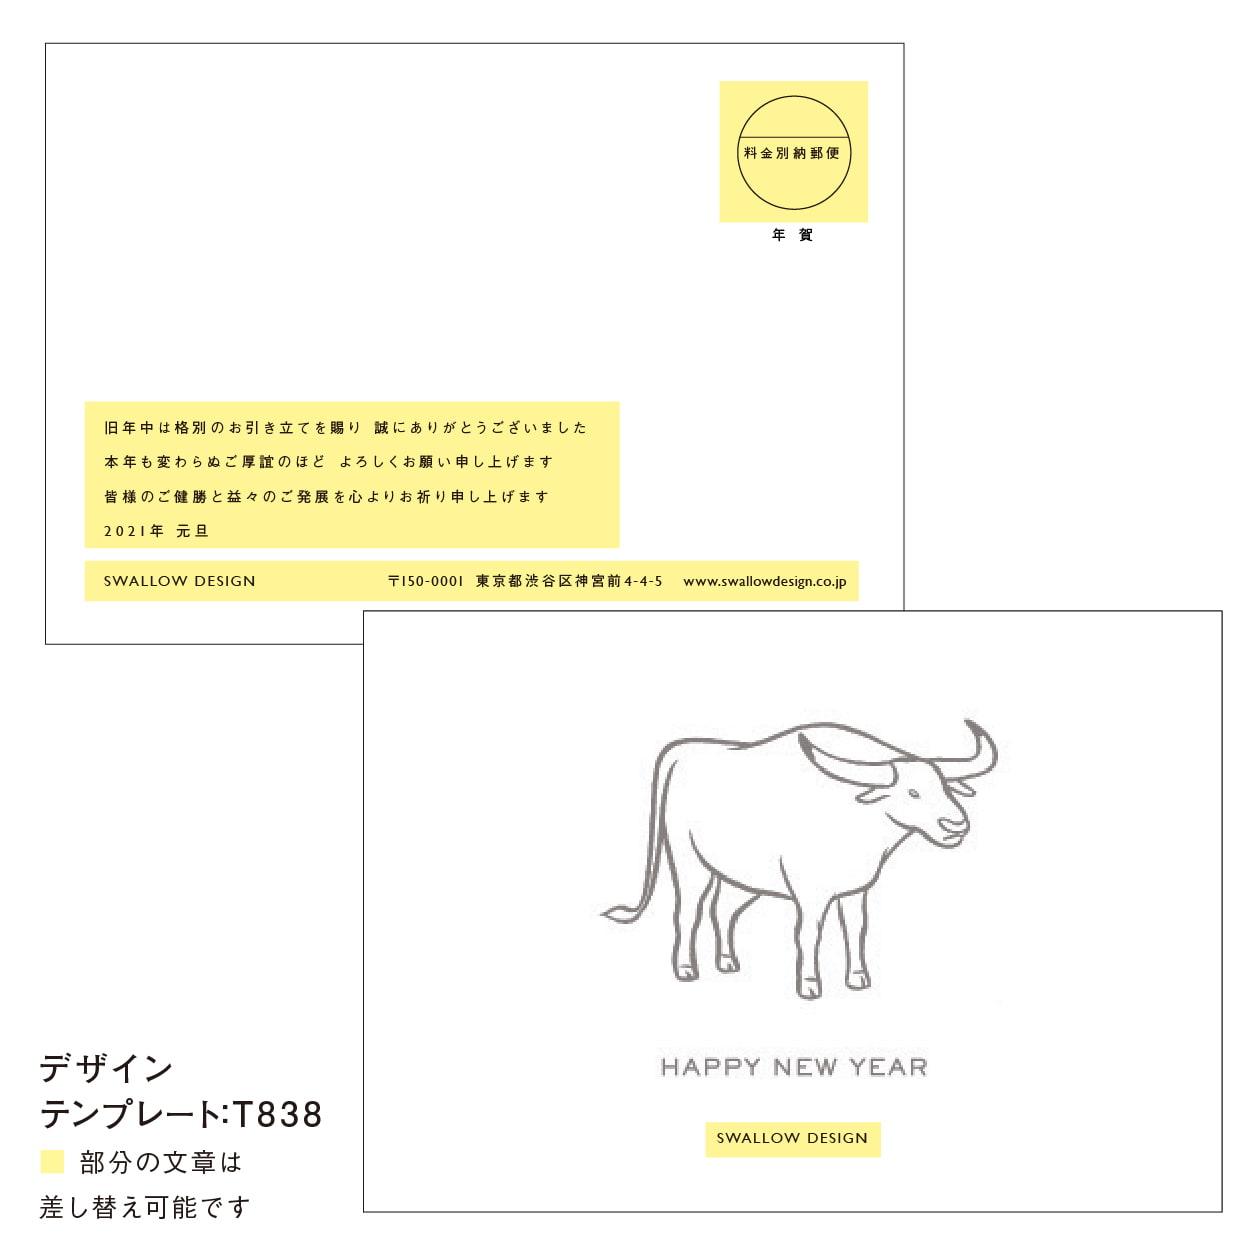 イラストが際立つシンプルな活版印刷の年賀状